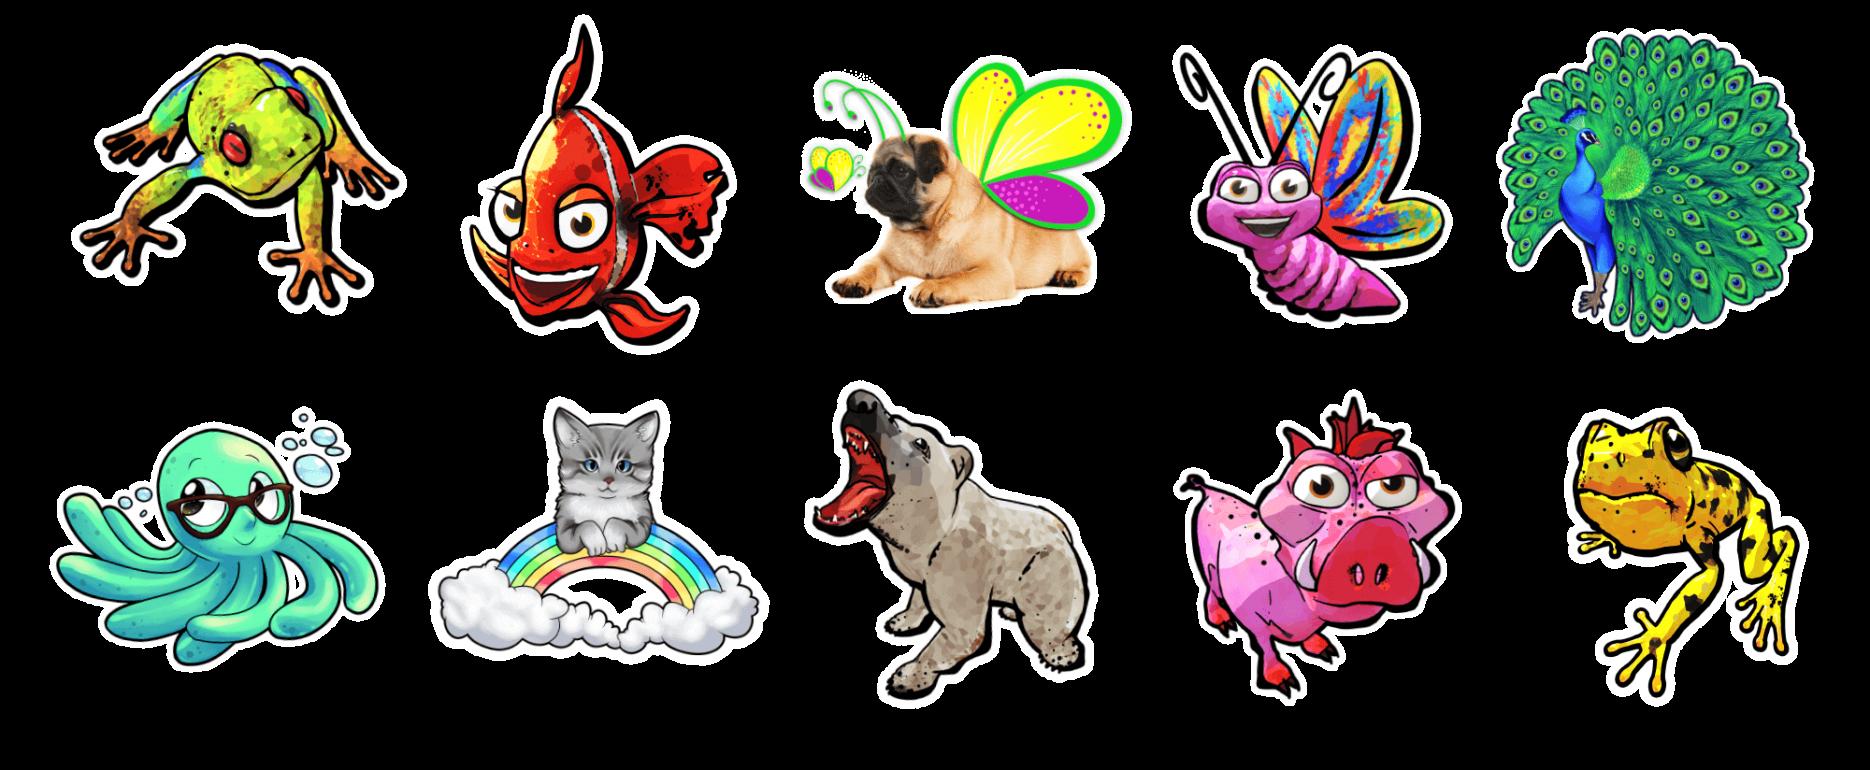 Holotoyz stickers holo-heroes